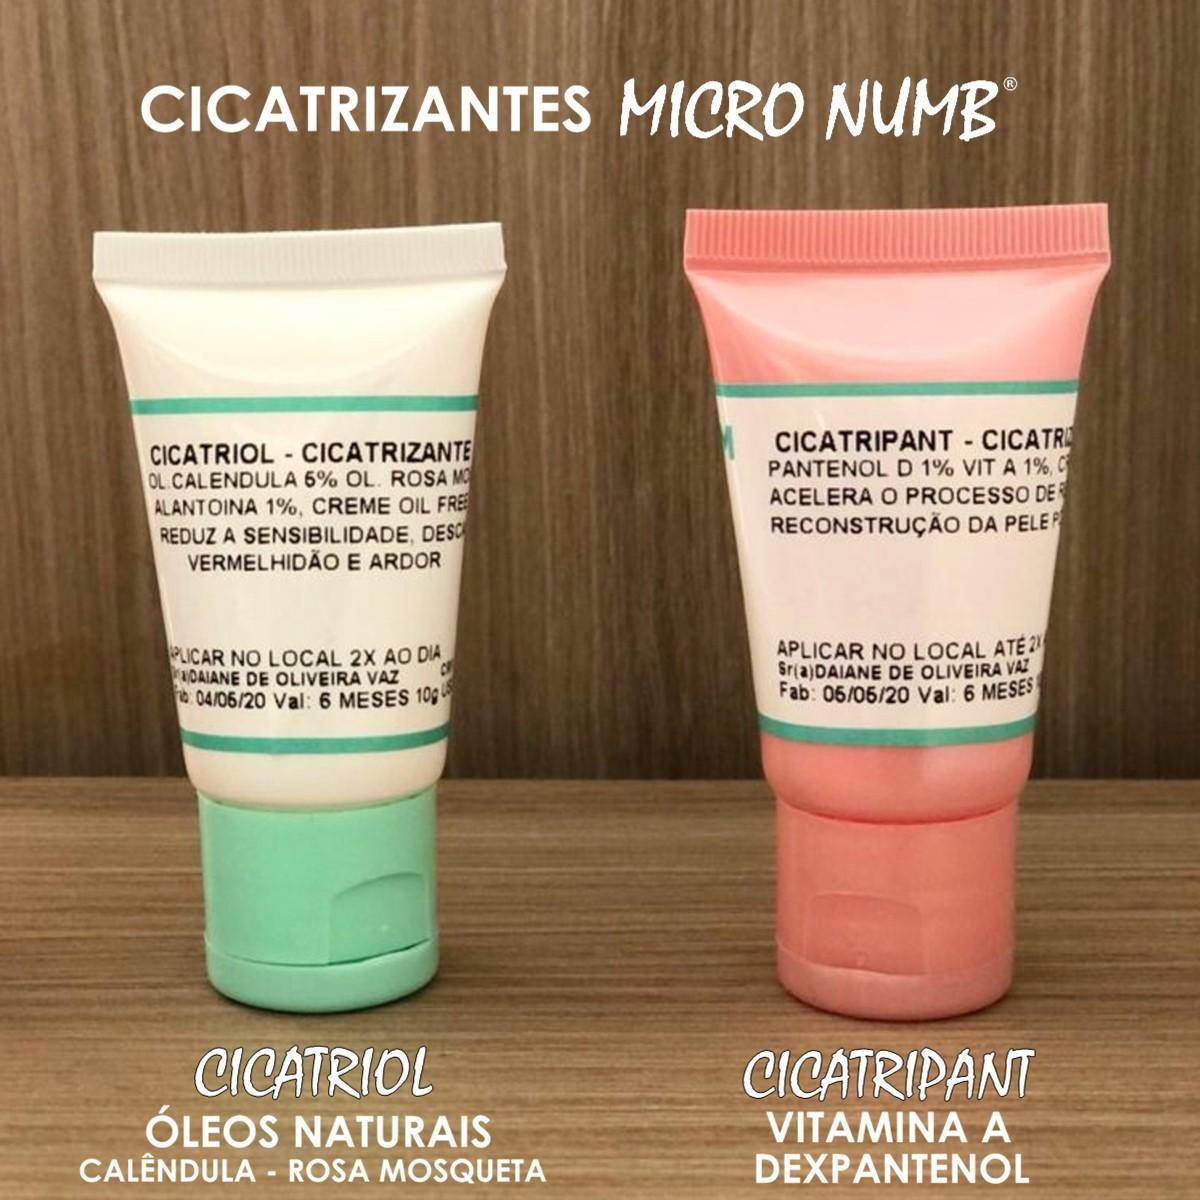 Creme Cicatrizante Óleos Naturais Pós Procedimento Micropigmentação Microblading CICATRIOL Micro Numb - 10g